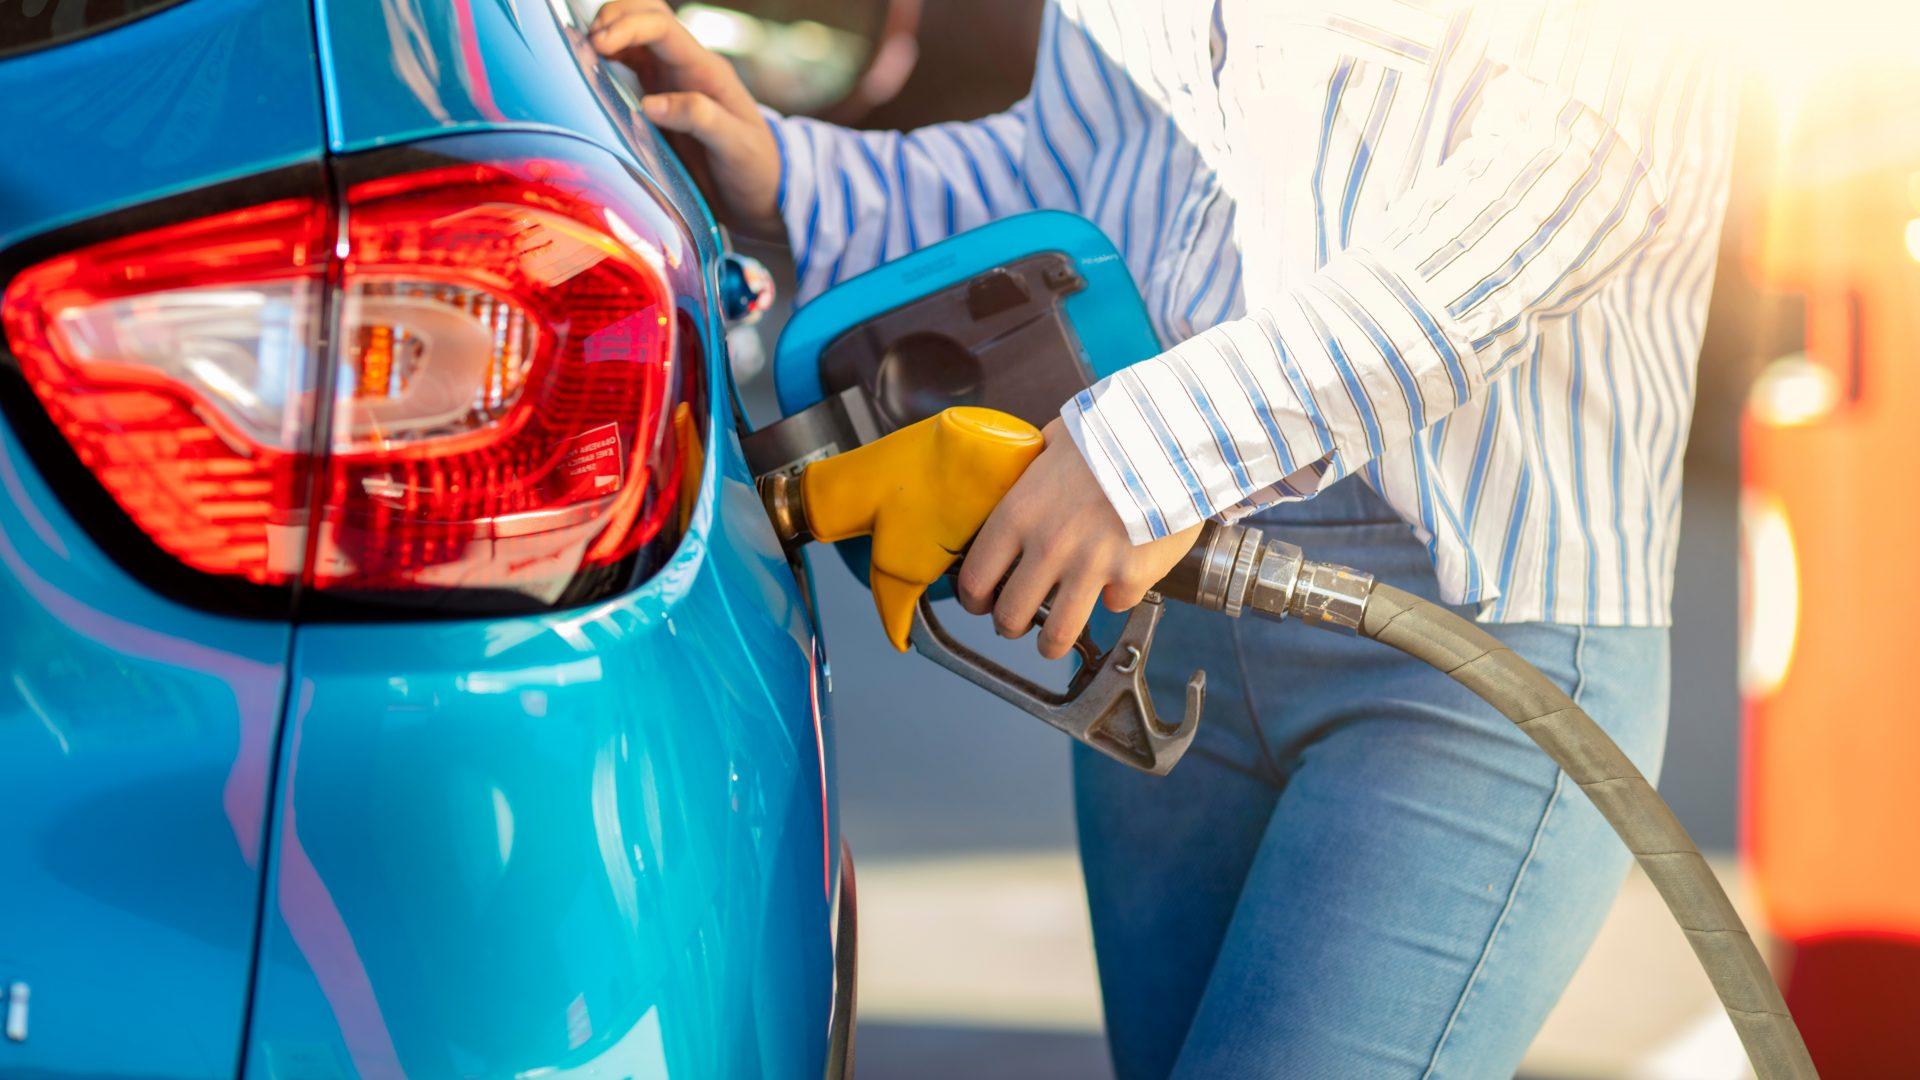 Motivul îngrijorător pentru care uneori pompele din benzinării au debit mic